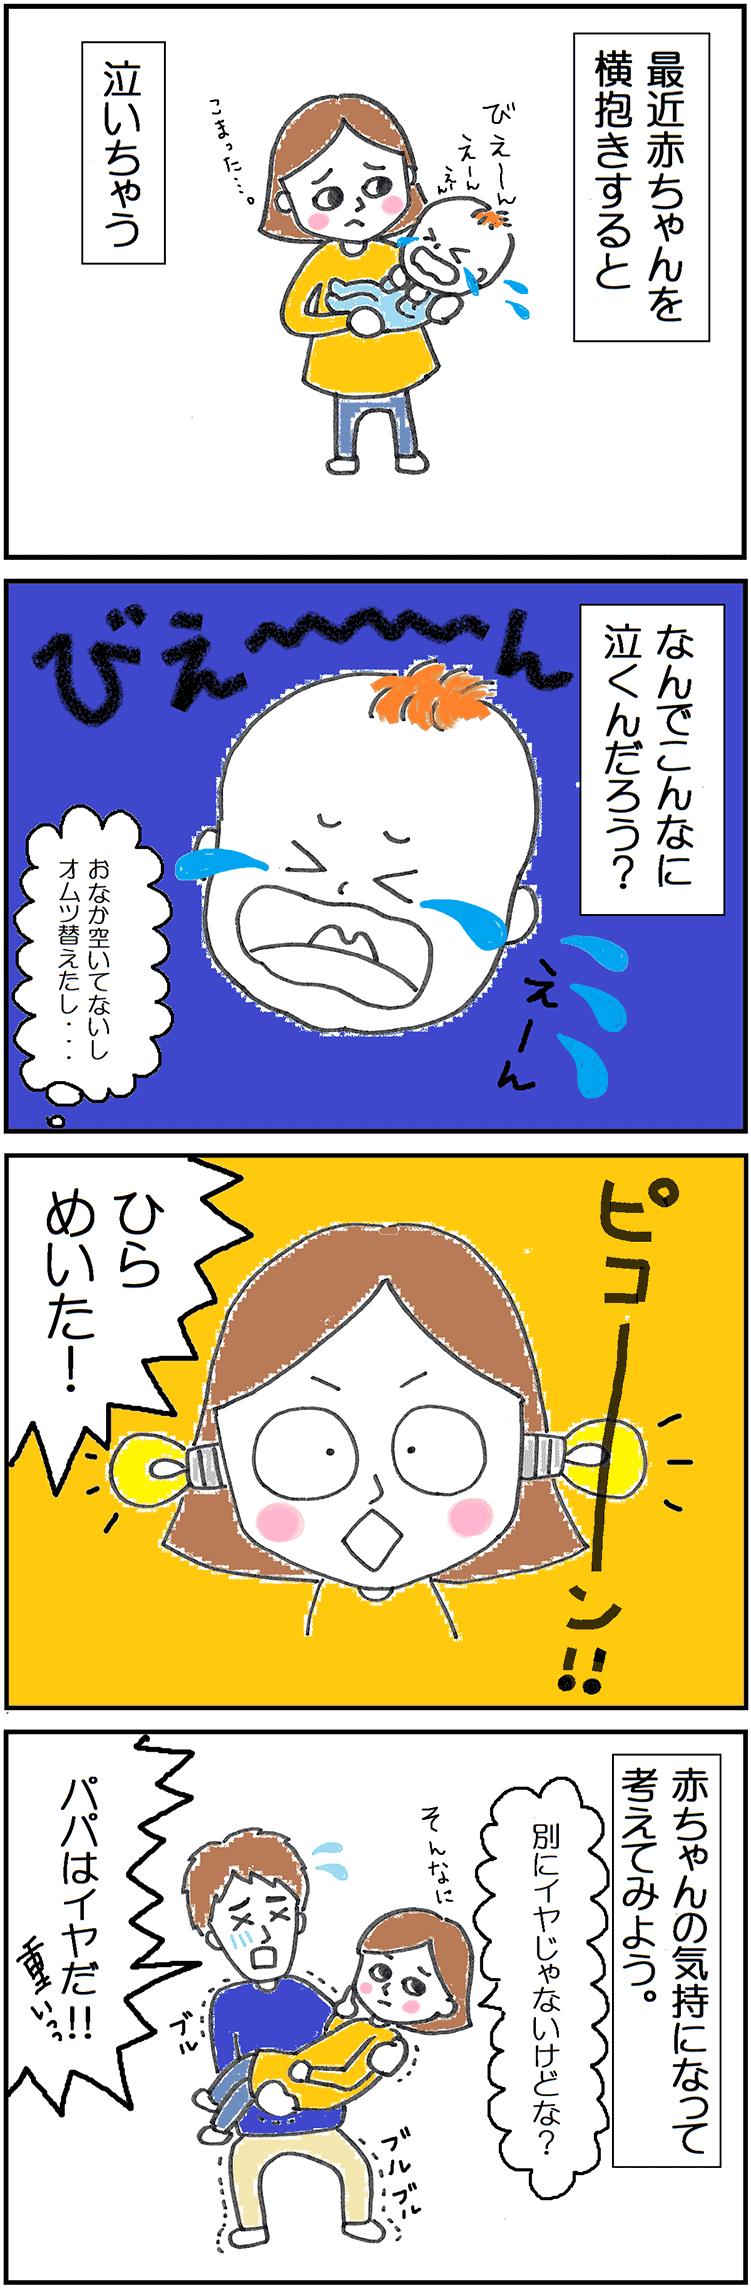 横抱きを嫌がる首が座る前の赤ちゃんの子育て4コマ漫画